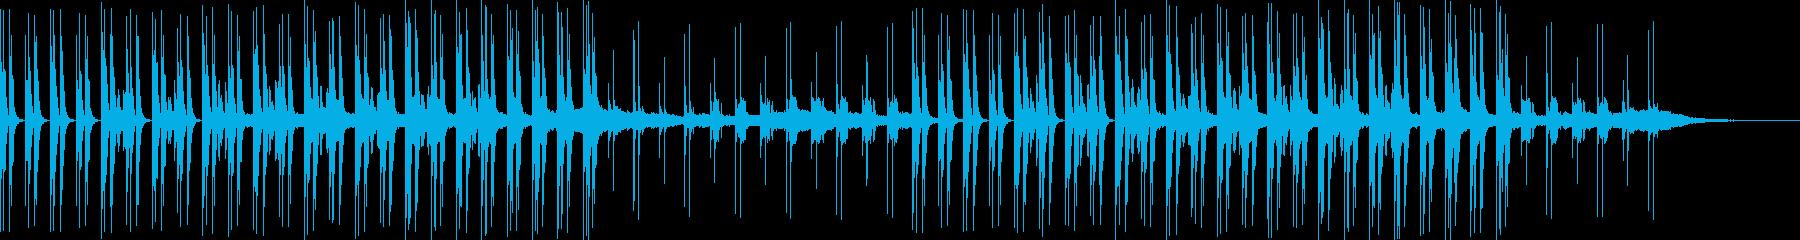 適度な音色数と使いやすいトラックの再生済みの波形